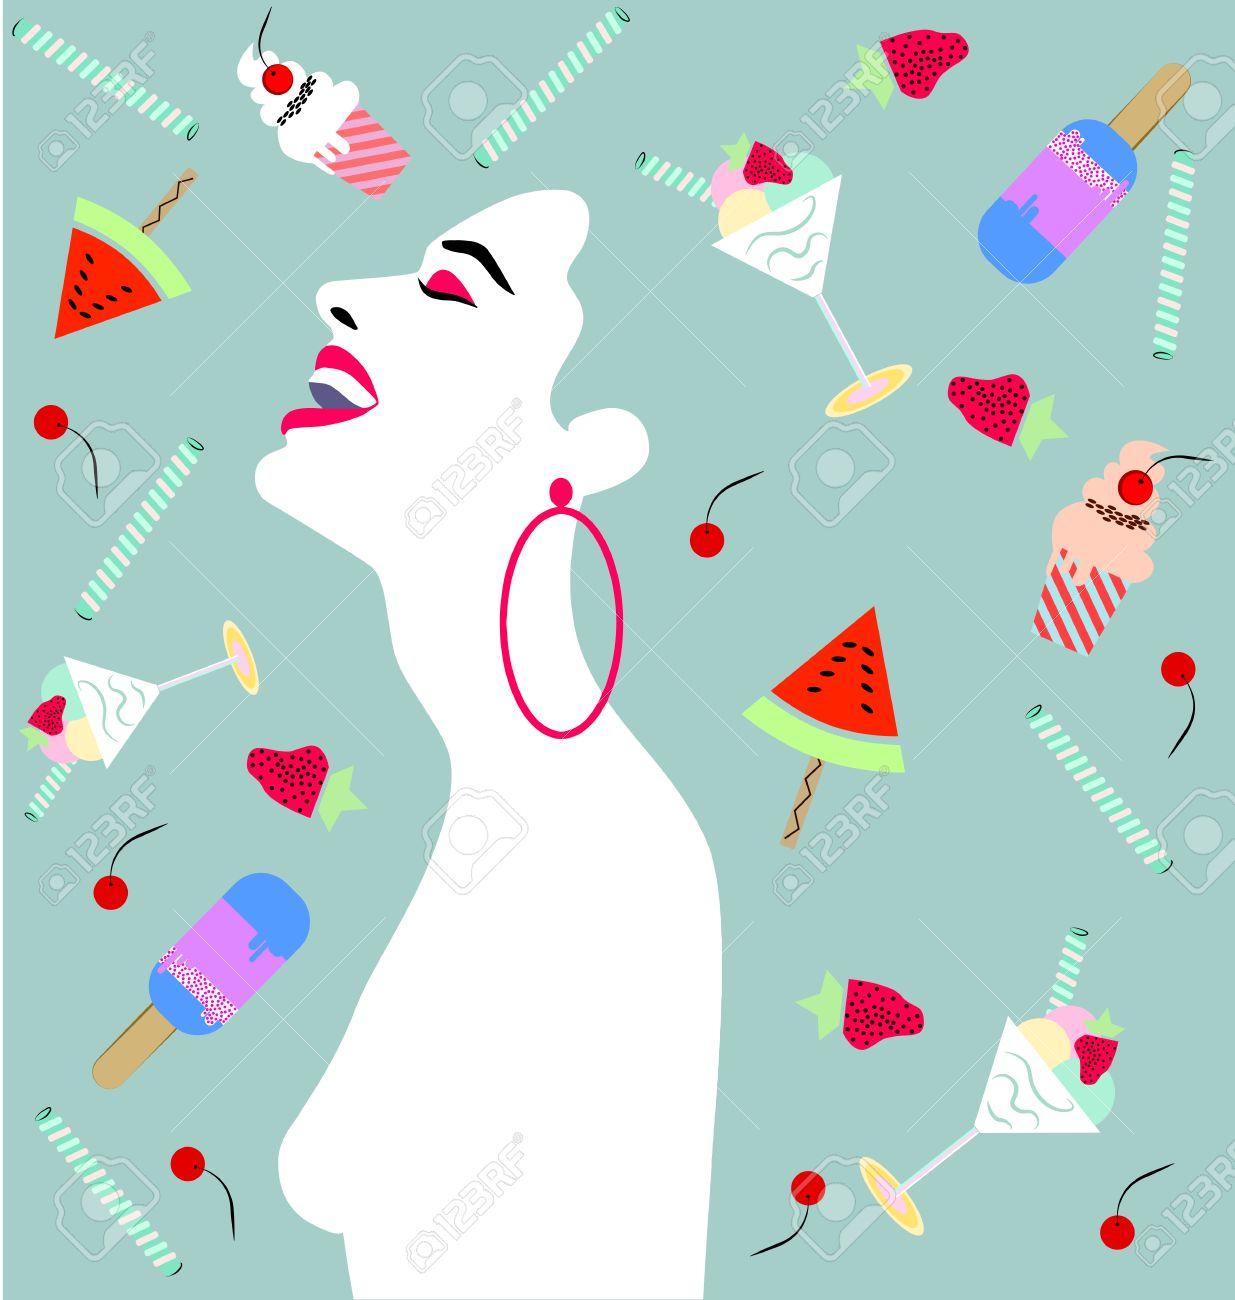 Femme Heureuse En Riant Avec Gâteau Petits Gâteaux Glaces Fruits Rencontre Anniversaire Anniversaire Valentin Concept Dinvitation De